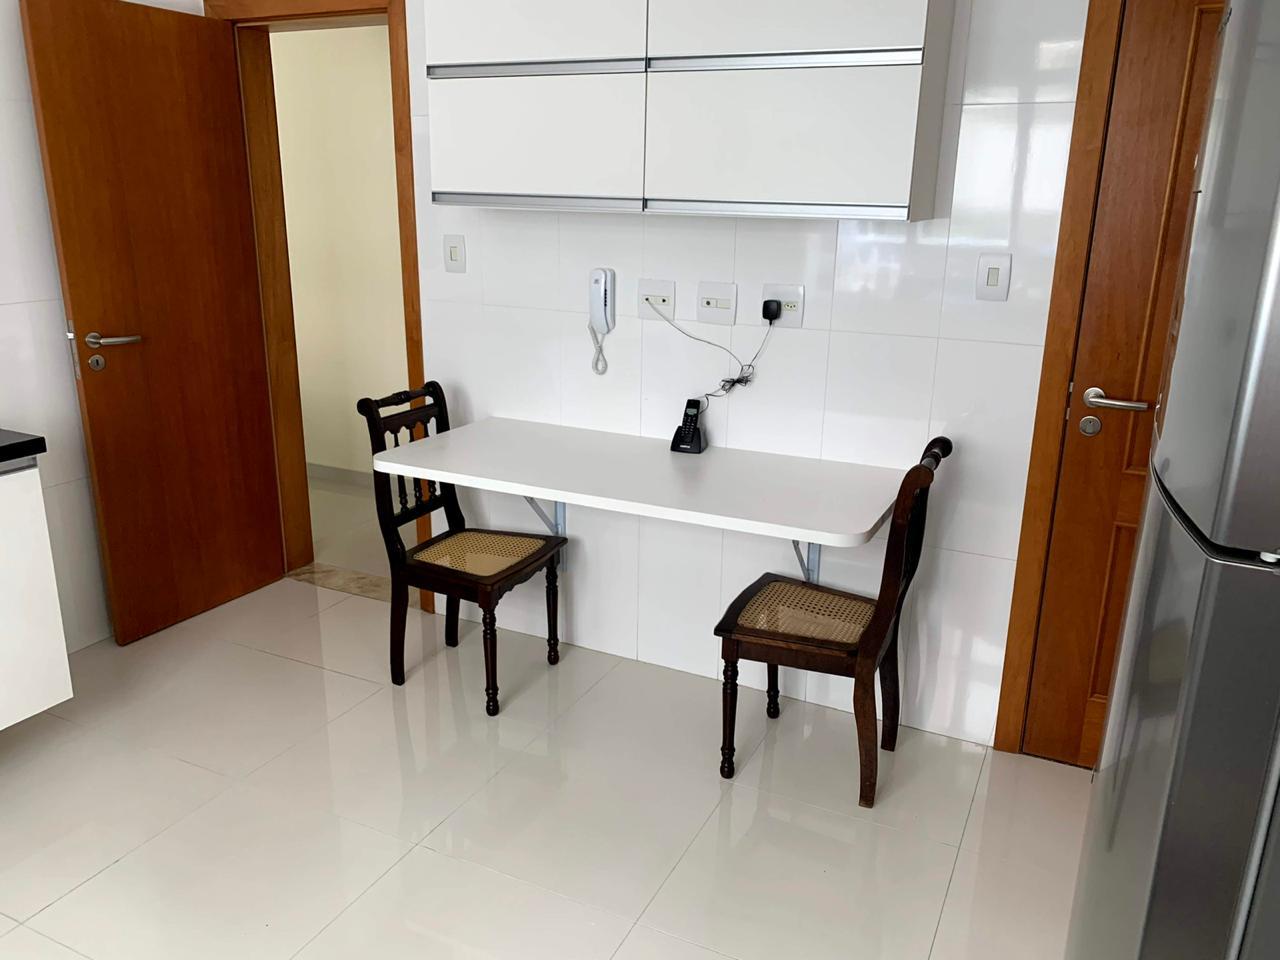 Excelente semi novo apartamento com 160m, uma quadra da Praia, Duas vagas de garagem, 3 suítes - foto 7